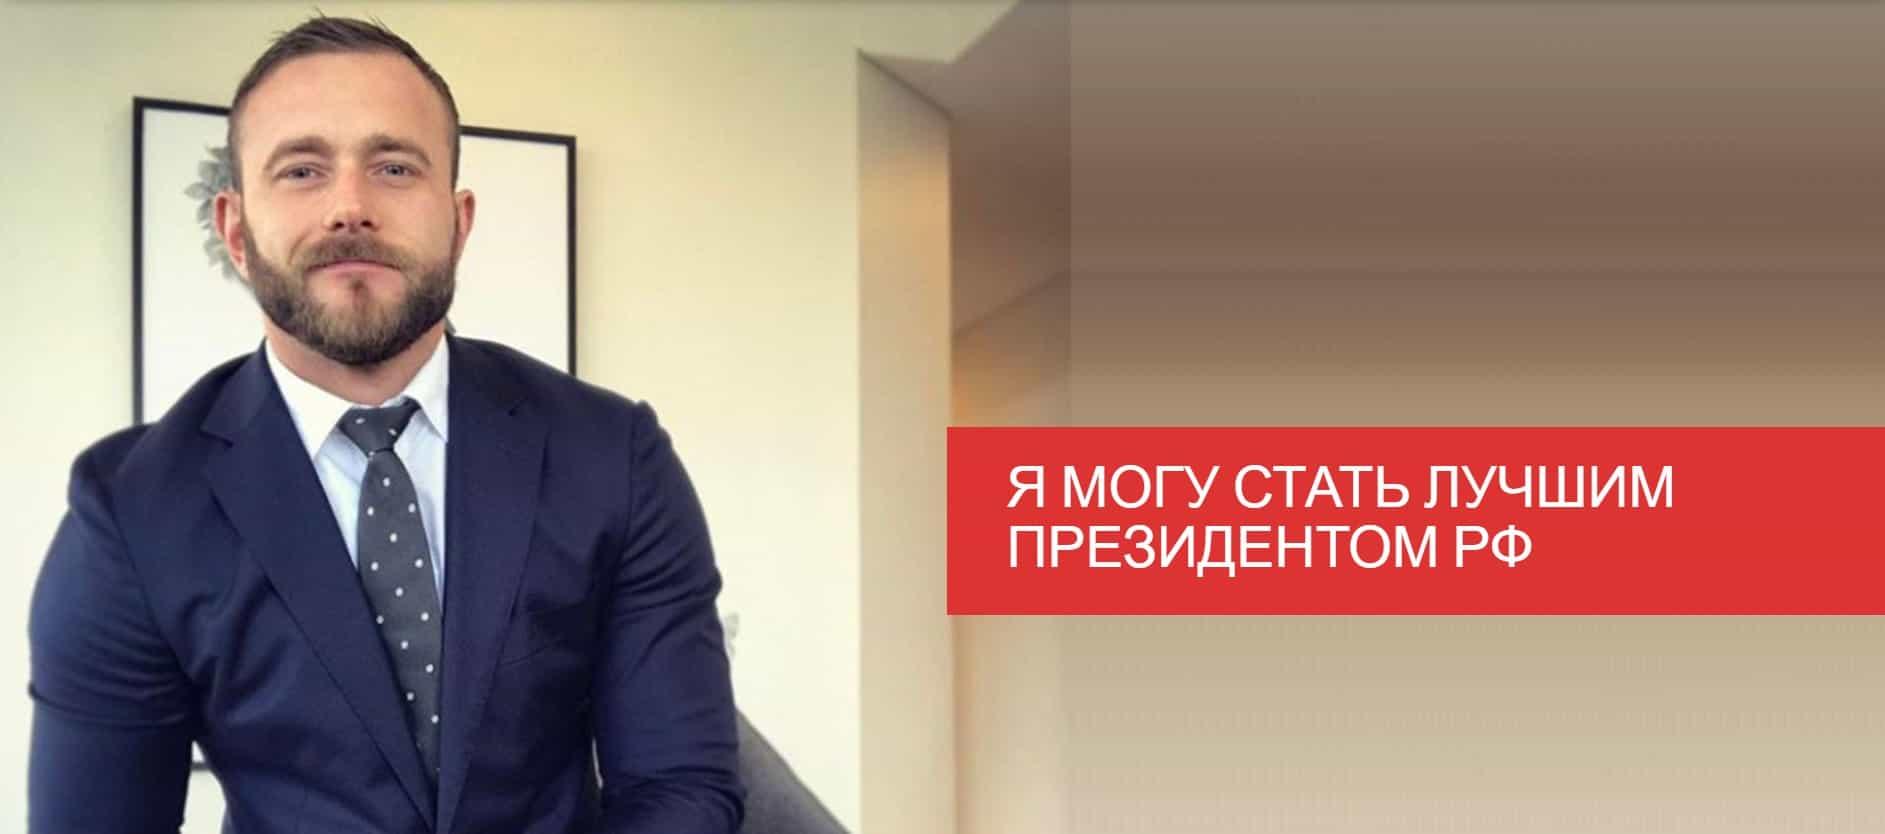 Геннадий Коломок - будущий президент РФ